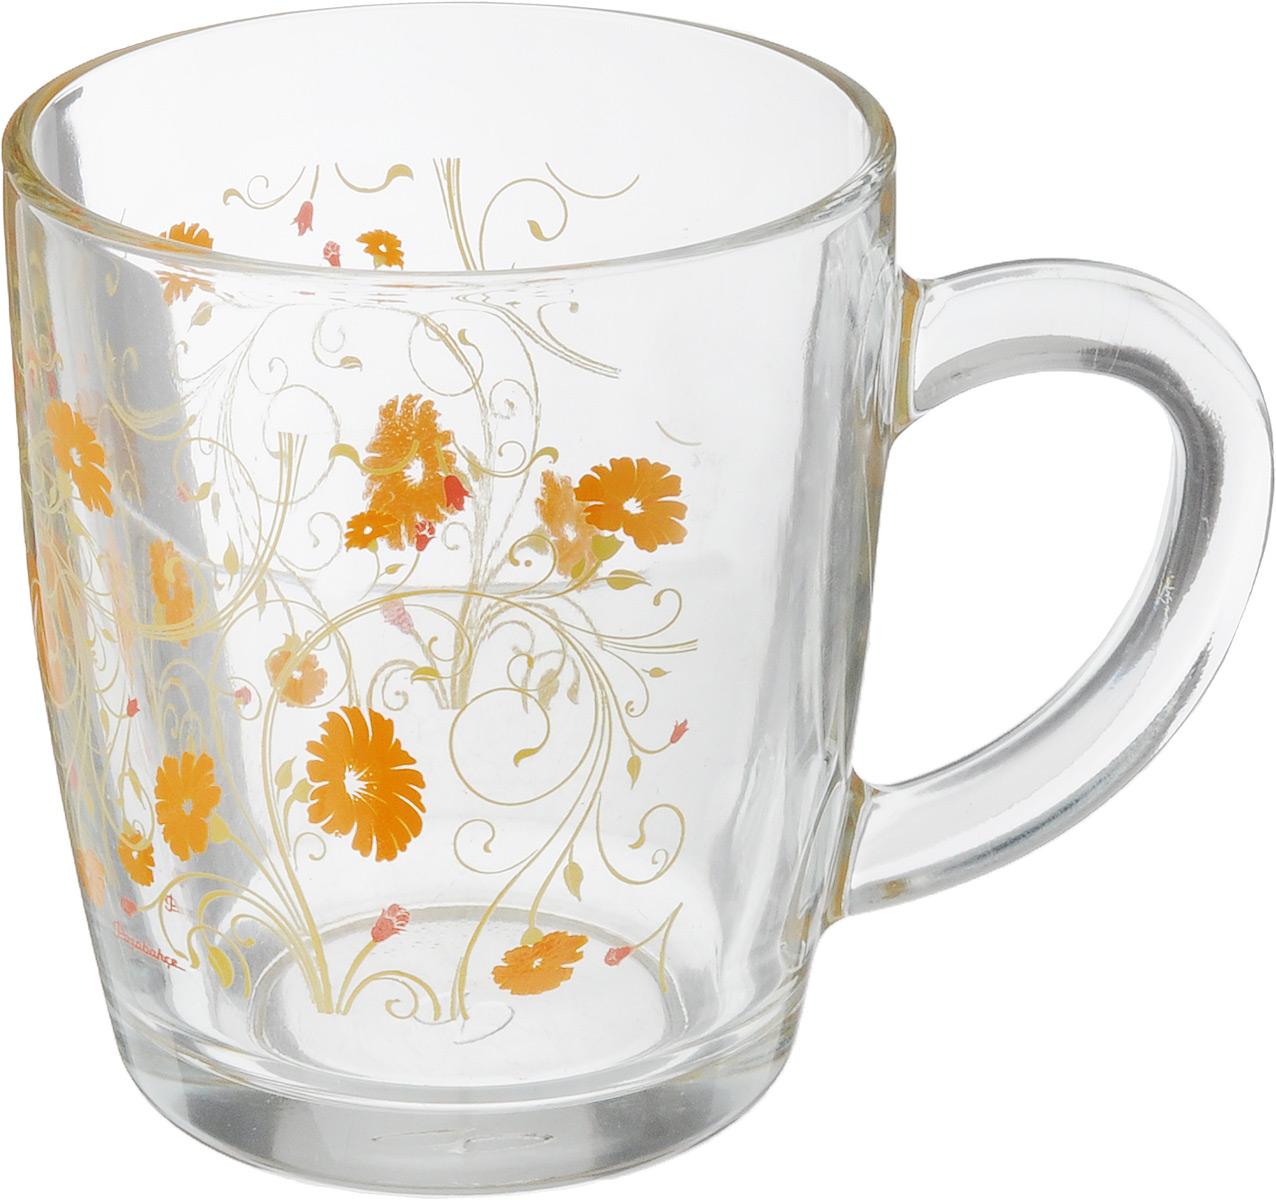 Кружка Pasabahce Serenade, цвет: прозрачный, оранжевый, 340 мл салатник pasabahce red serenade цвет красный диаметр 23 см